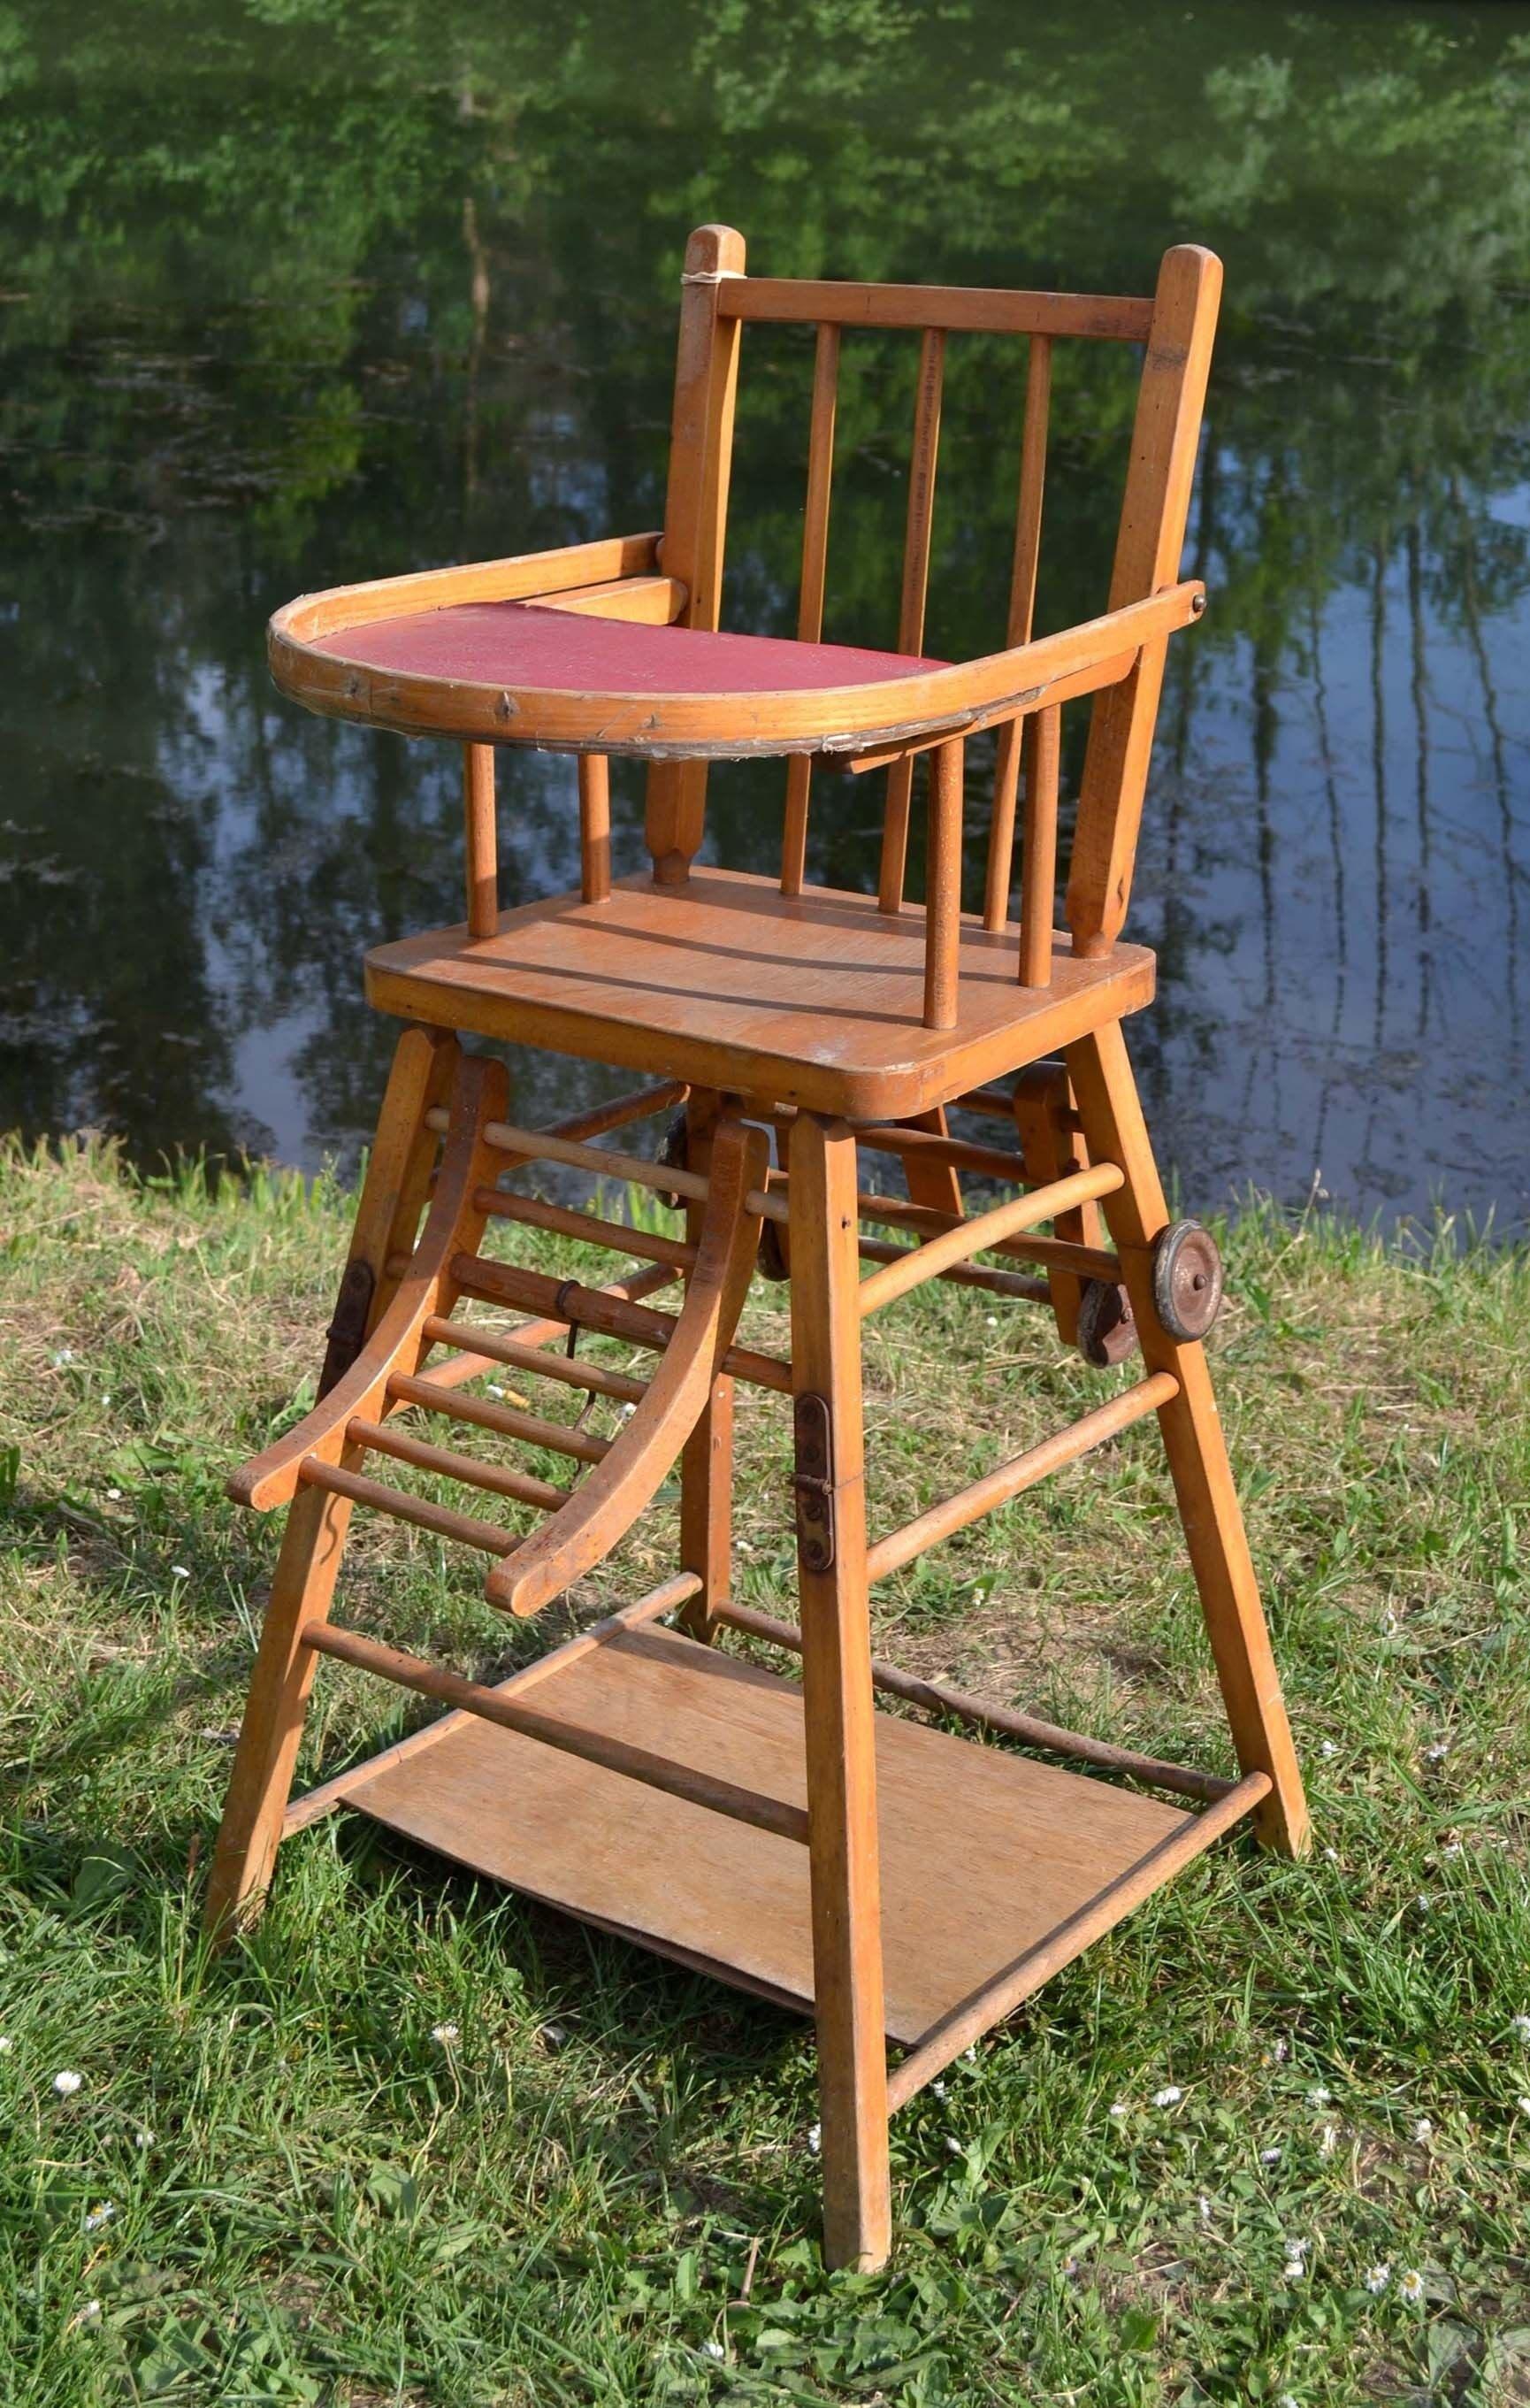 Lit Bébé 70×140 Meilleur De Chaise Haute Bébé Pliante Elegant Lit Bébé Transformable Inspirant